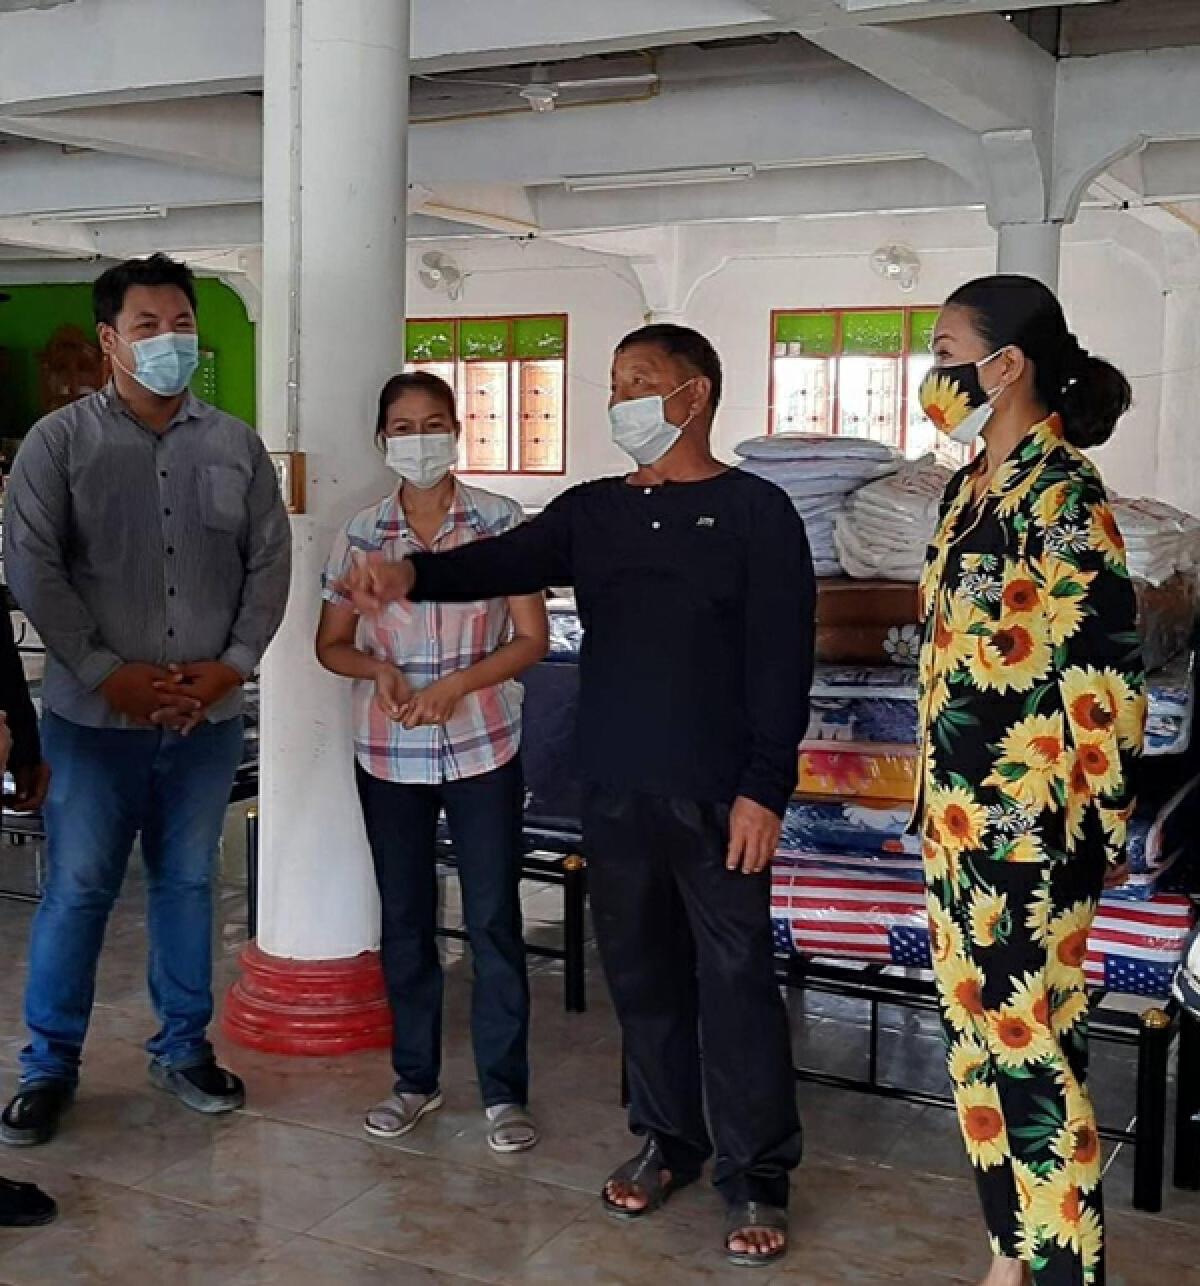 กบ ปภัสรา ช่วยทำโรงพยาบาลสนาม 50 เตียงที่จ.สุพรรณบุรี ช่วยผู้ป่วยโควิด-19